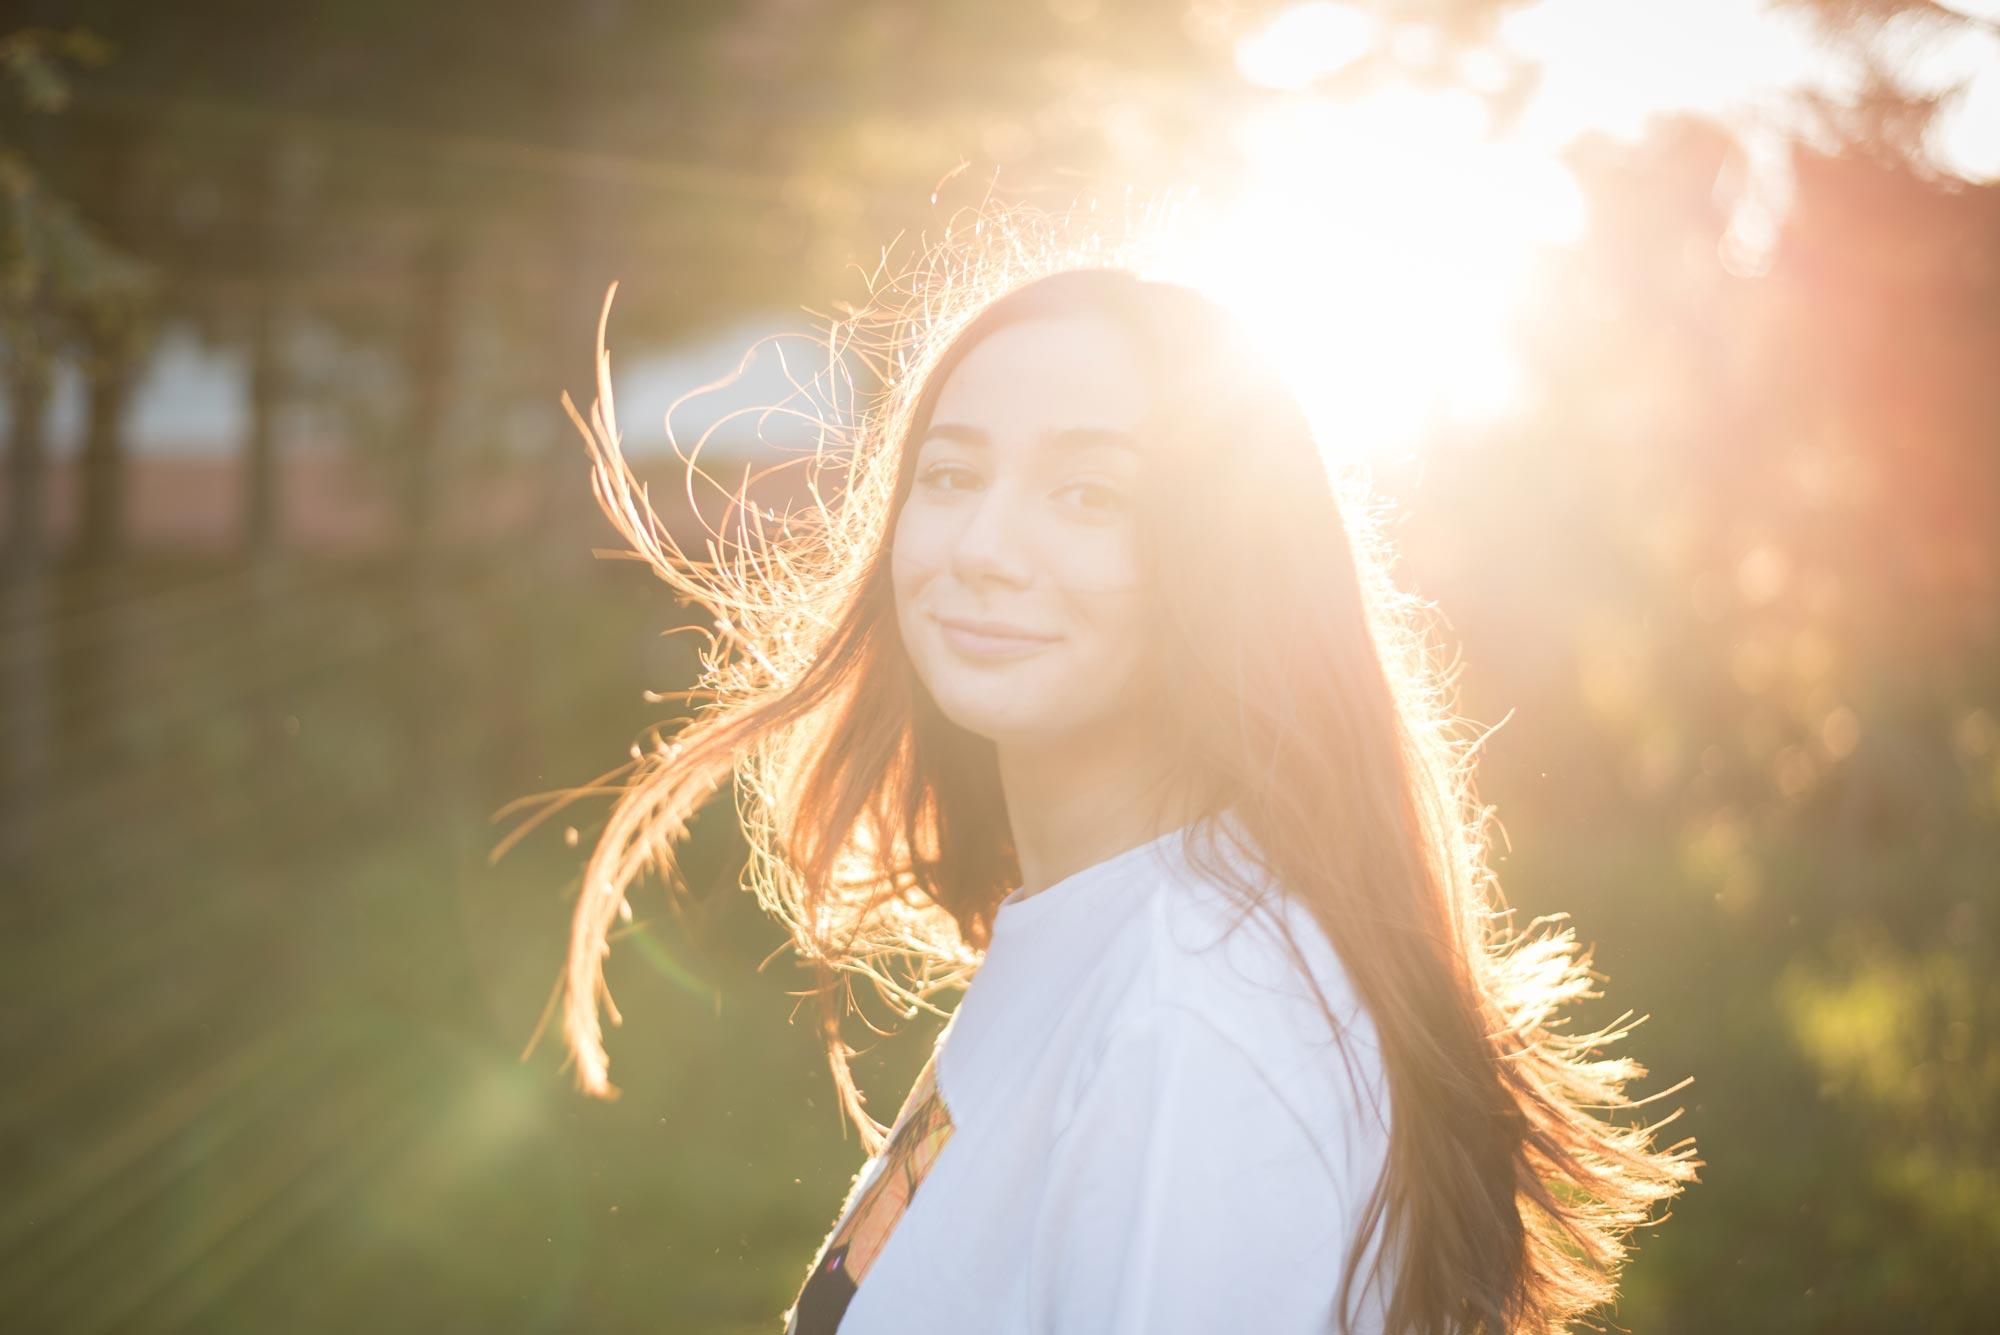 La leggerezza: un po' di sole nel cuore